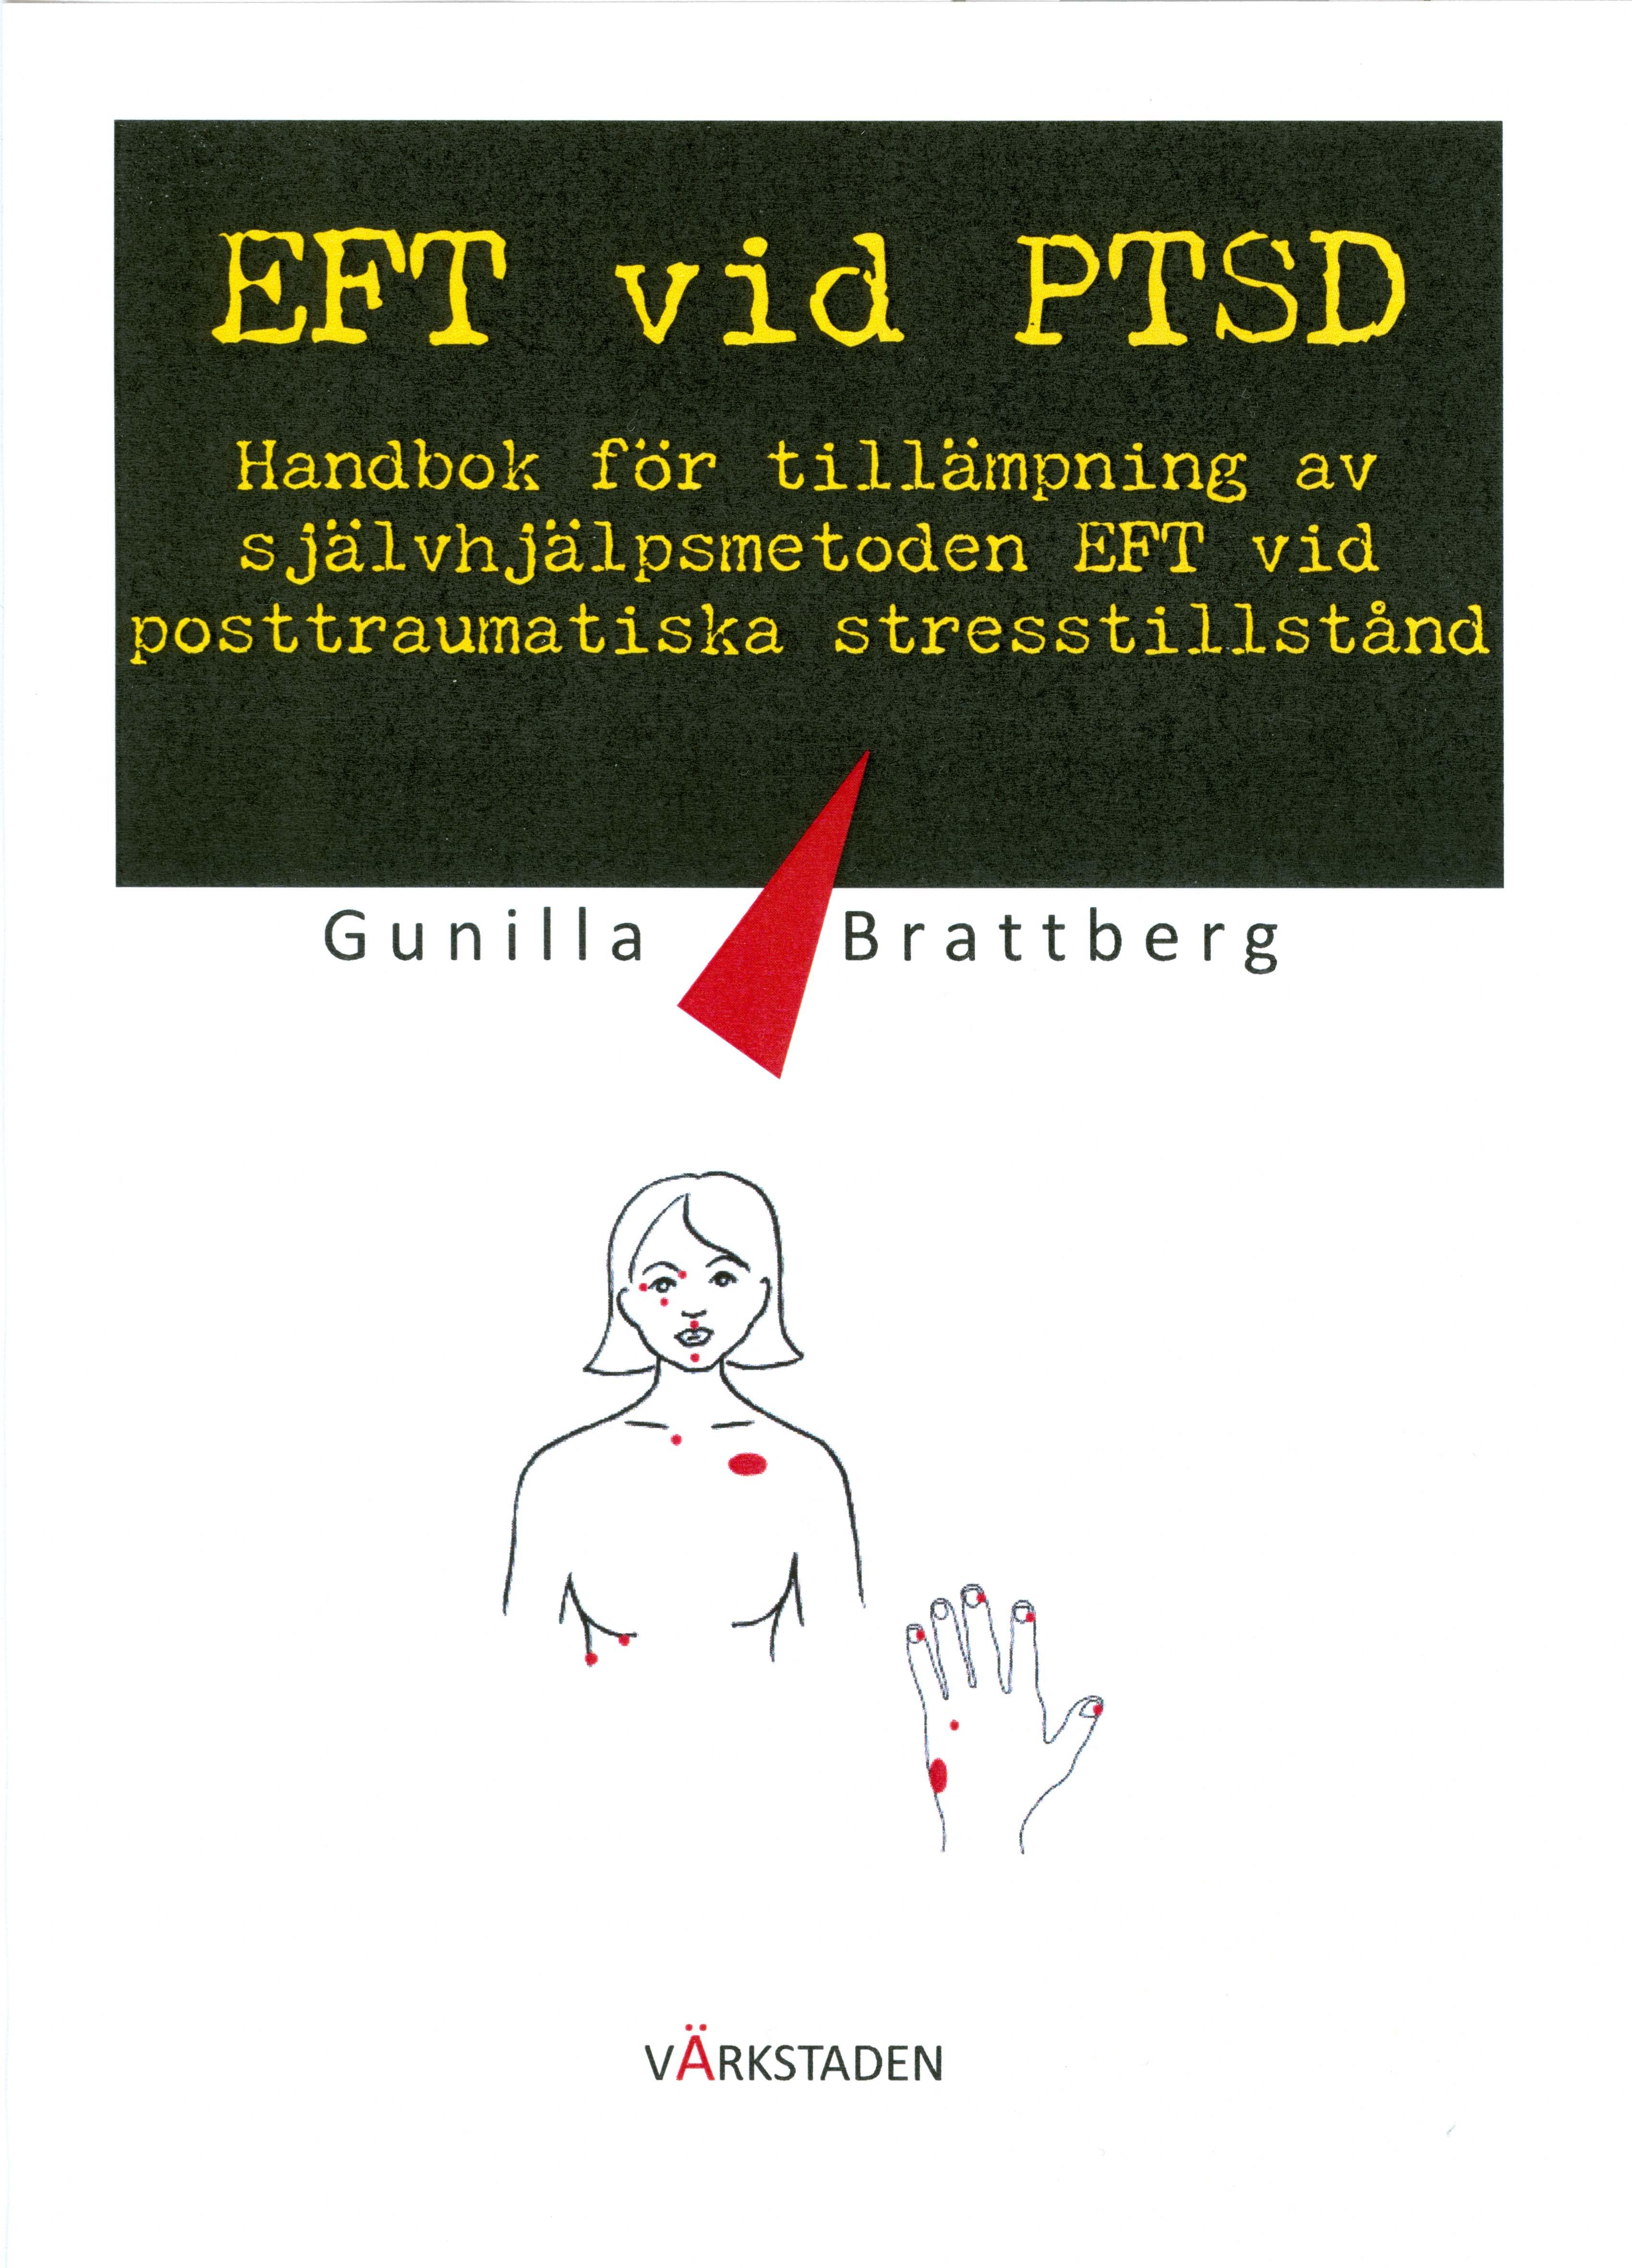 EFT vid PTSD : handbok för tillämpning av självhjälpsmetoden EFT vid posttraumatiska stresstillstånd av Gunilla Brattberg